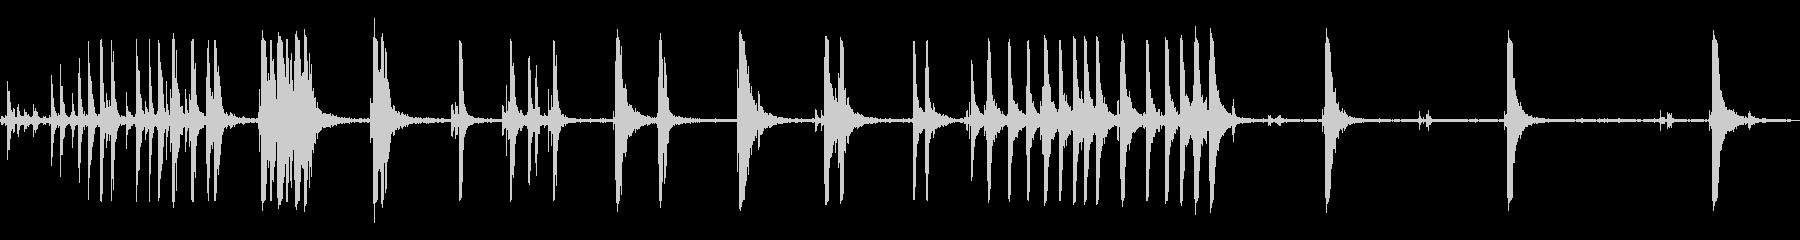 メタルクランクアイアンウルフショル...の未再生の波形